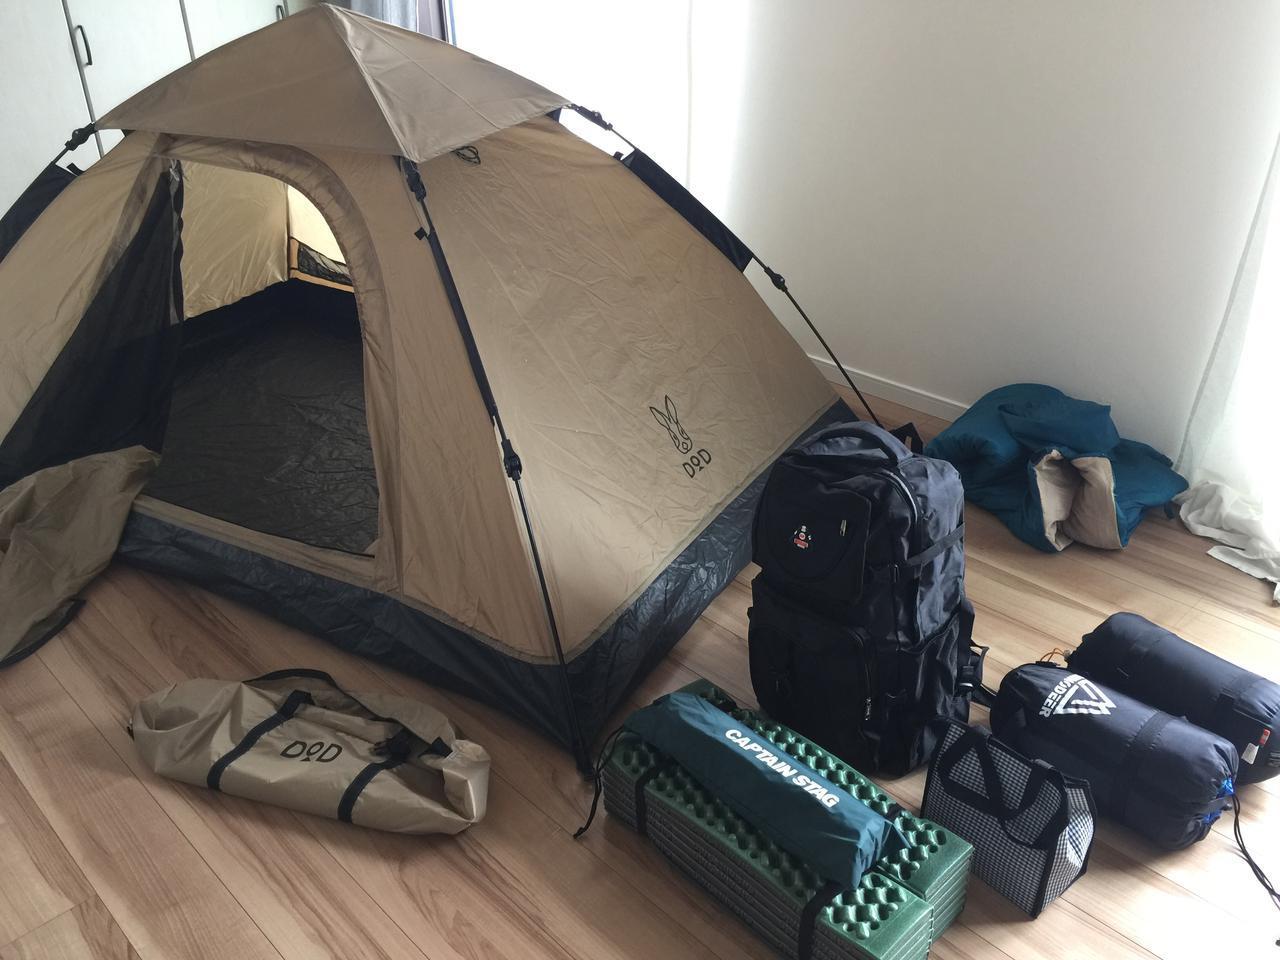 画像: おうちキャンプを実現! 設営簡単なワンタッチ&ポップアップテントおすすめ6選 - ハピキャン(HAPPY CAMPER)